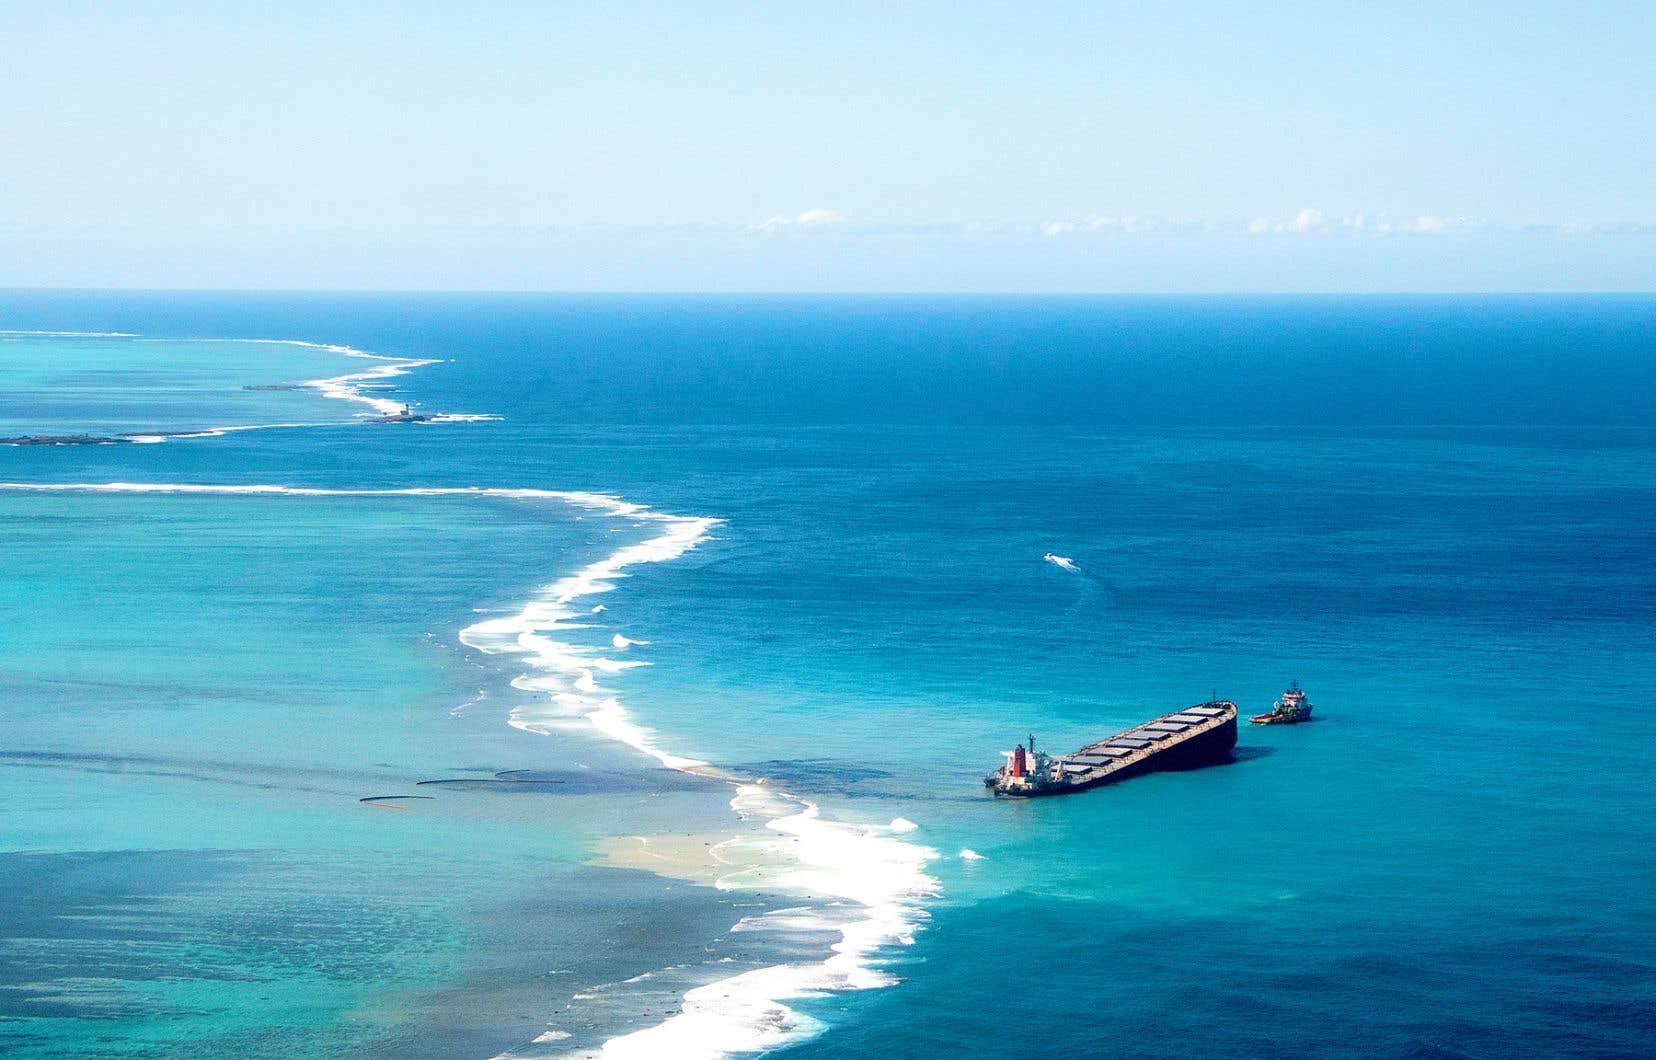 Sur l'ensemble des hydrocarbures échappés du bateau, les équipes de dépollution sont parvenues jusqu'à présent à collecter 570 tonnes, dans la baie et sur la côte.